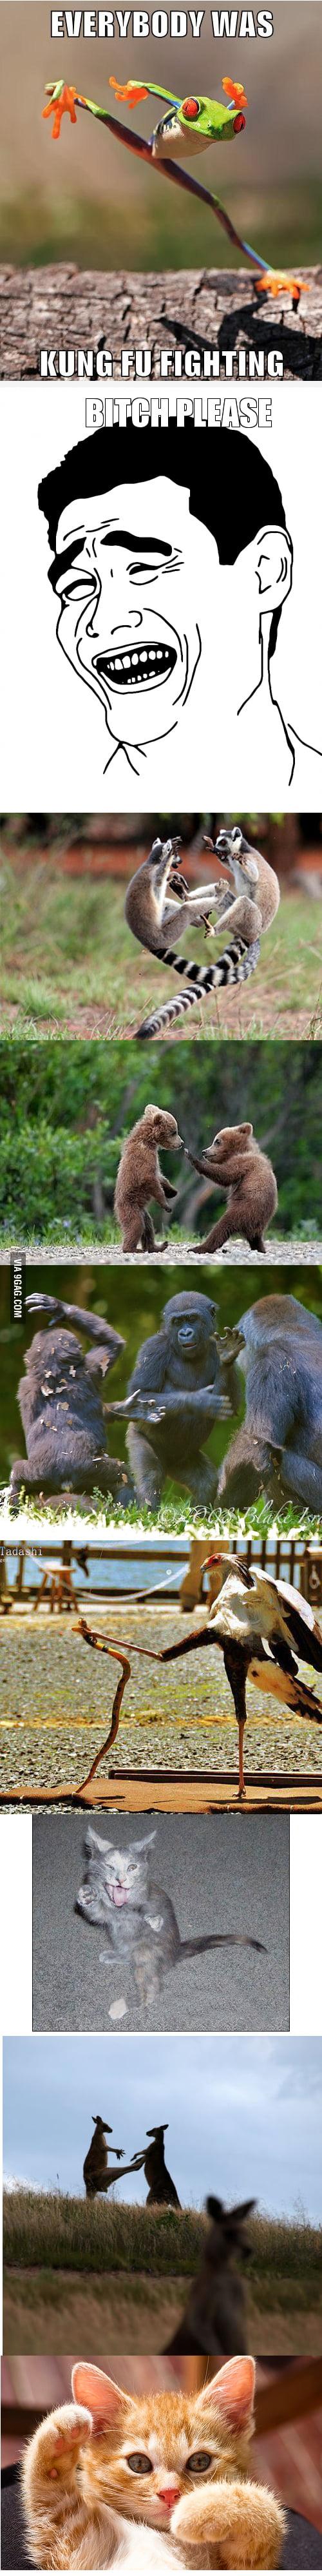 Karate animals